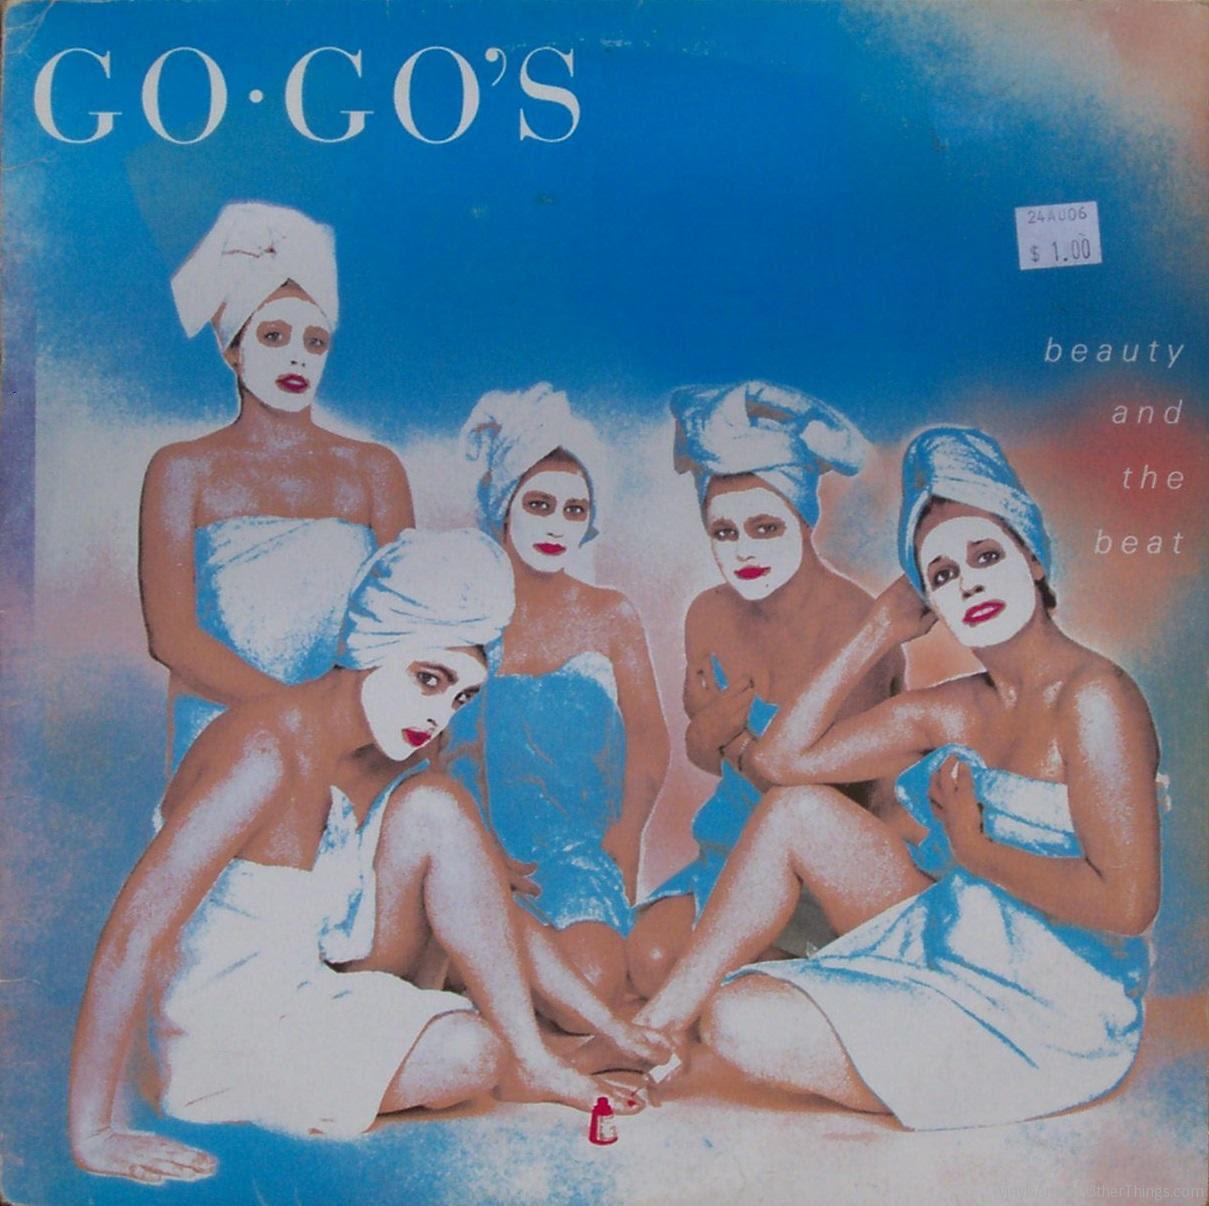 Resultado de imagem para The Go-Go's Beauty and the Beat